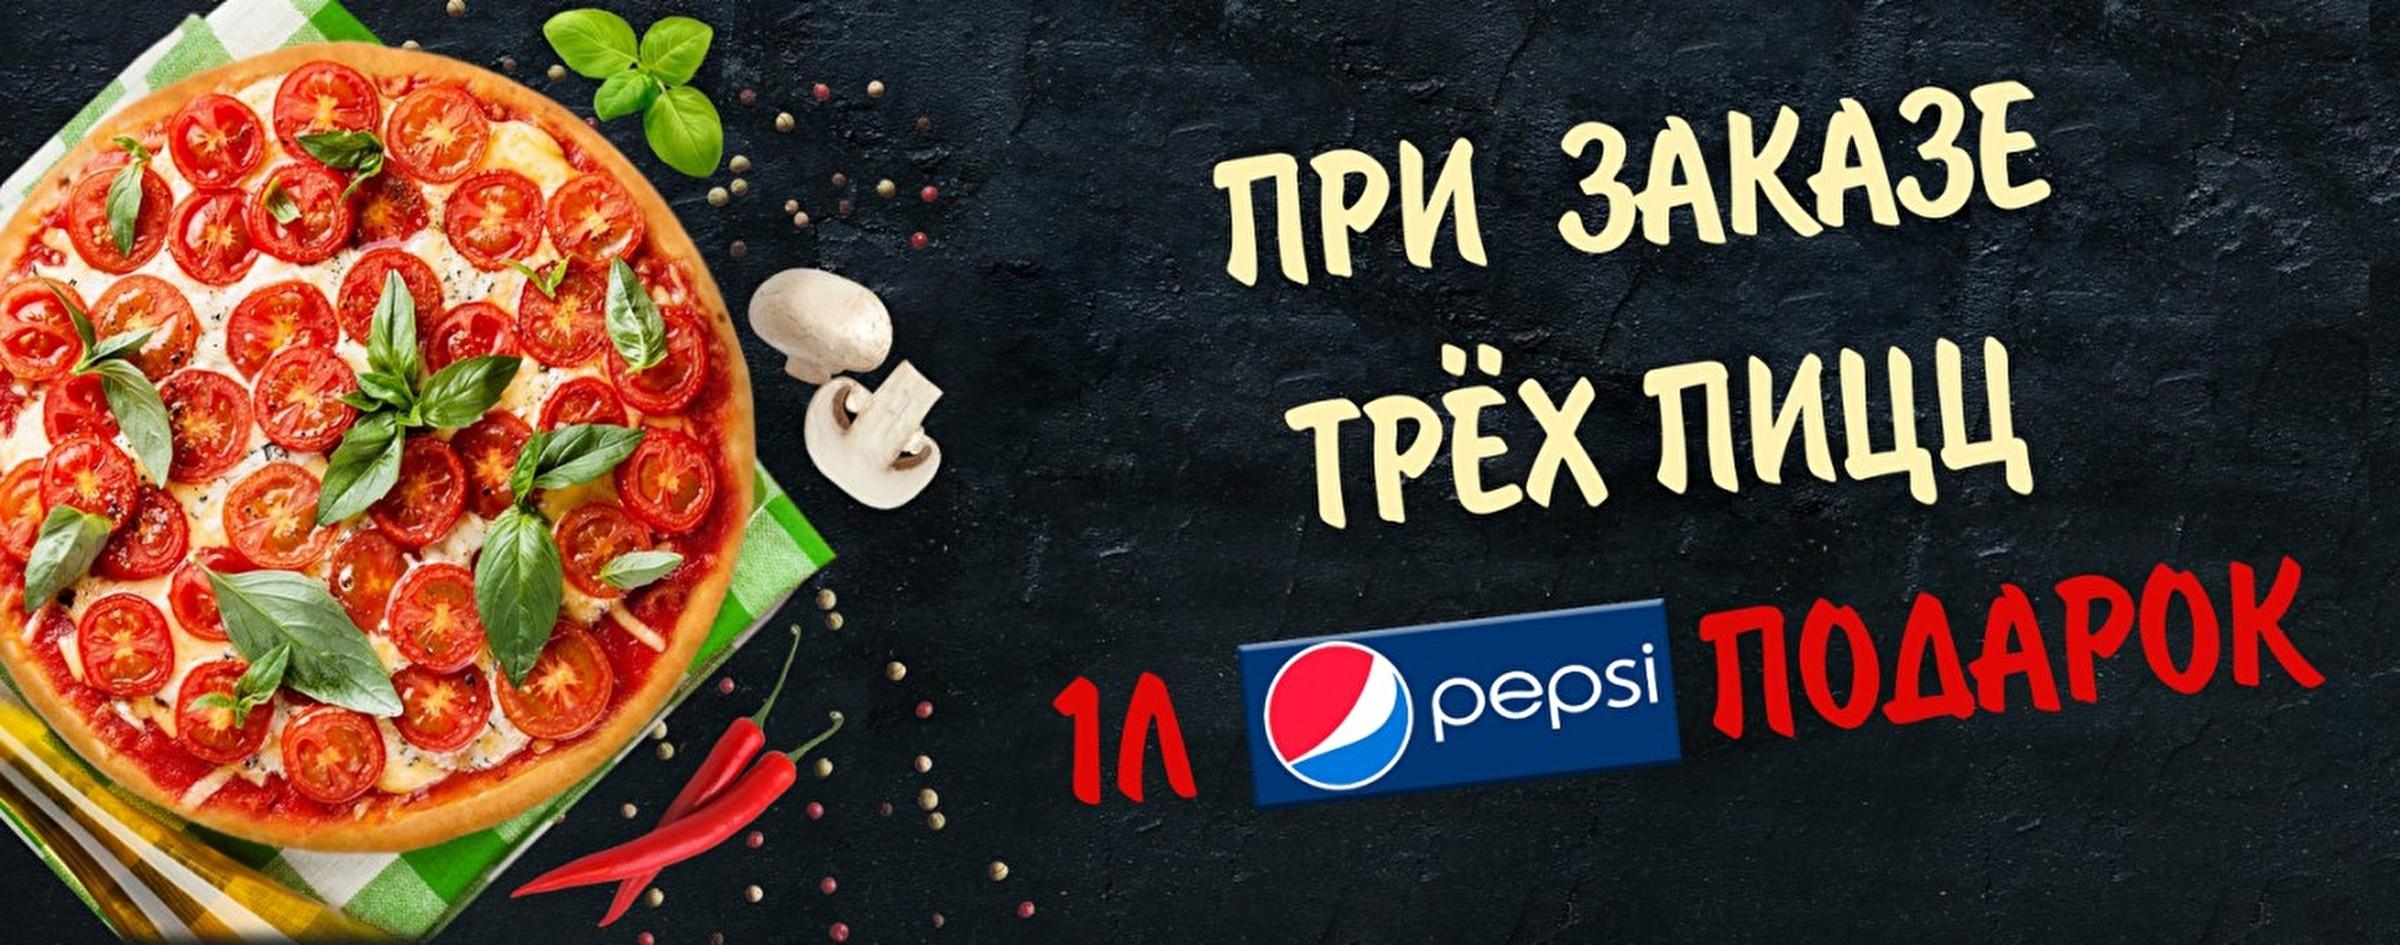 1 л «Pepsi» в подарок